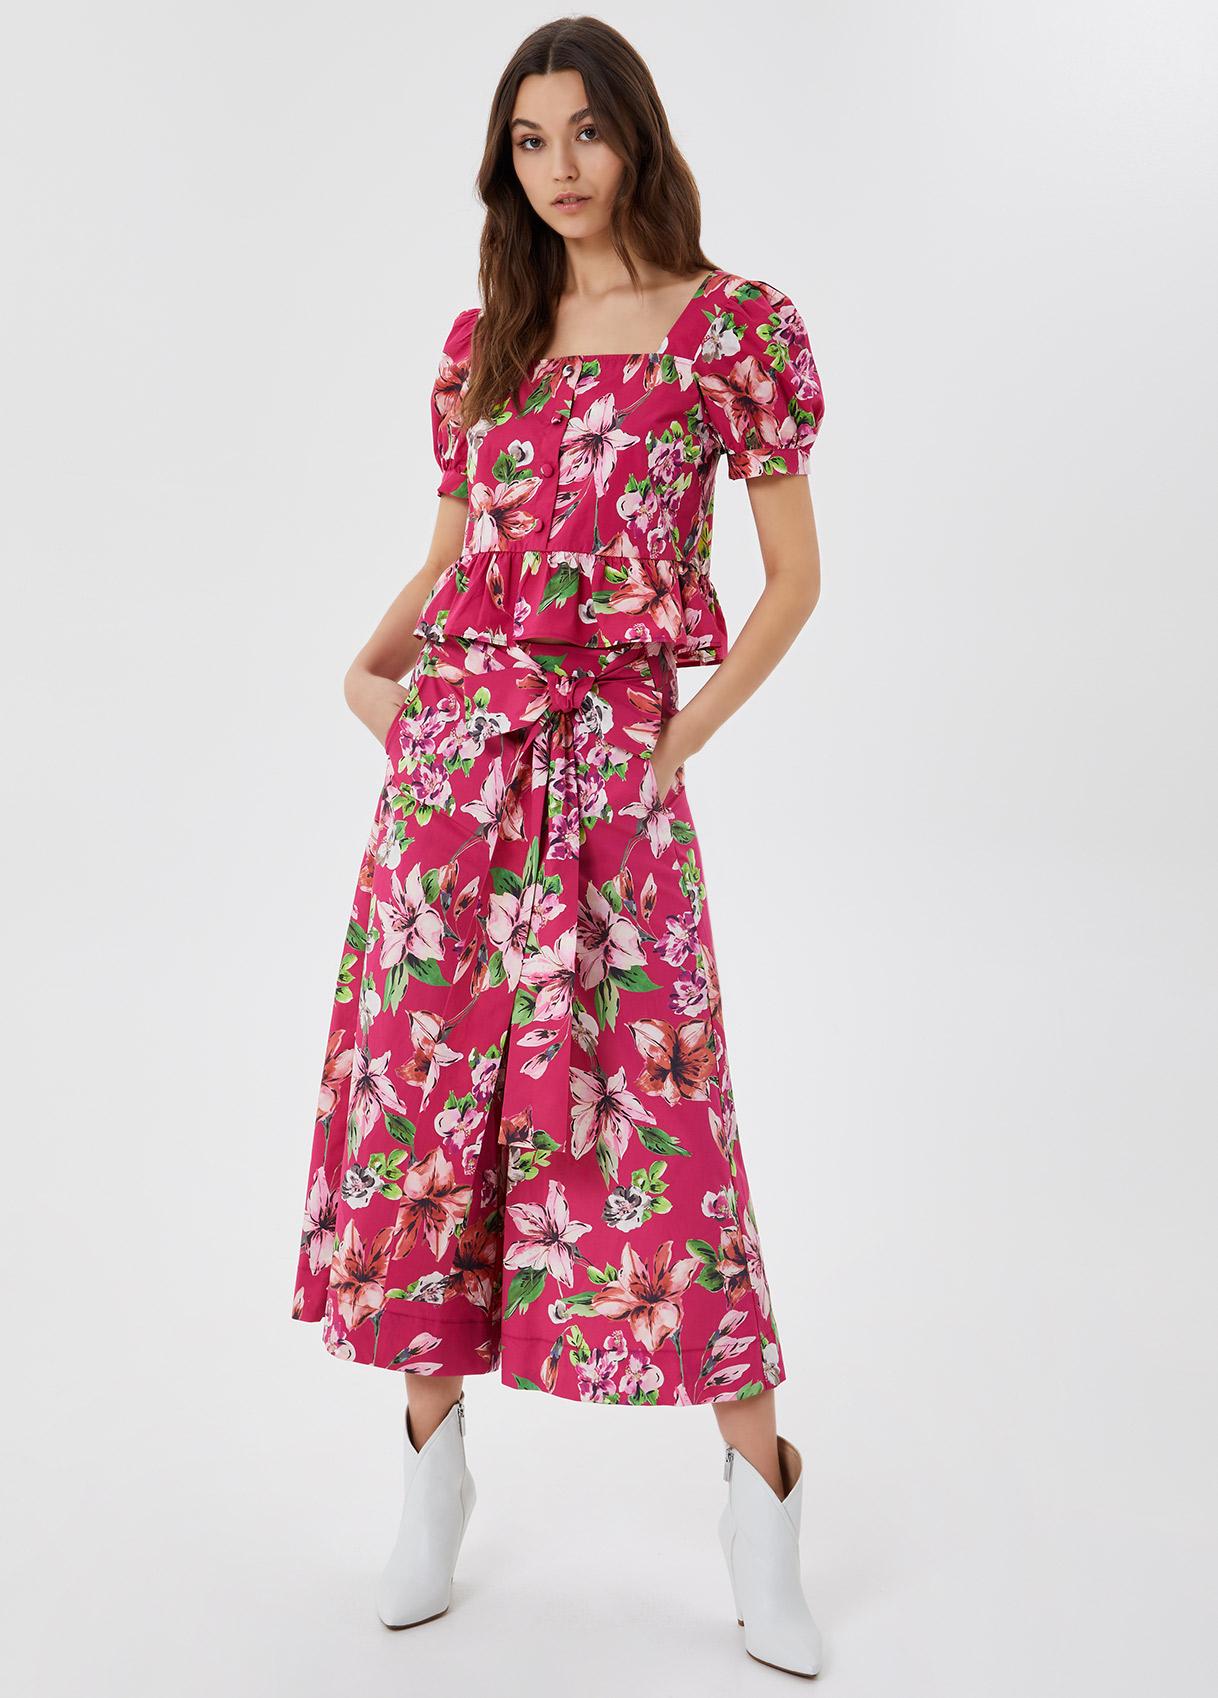 Pantalone flowers LIU JO | Pantaloni | WA1520T4824T9651